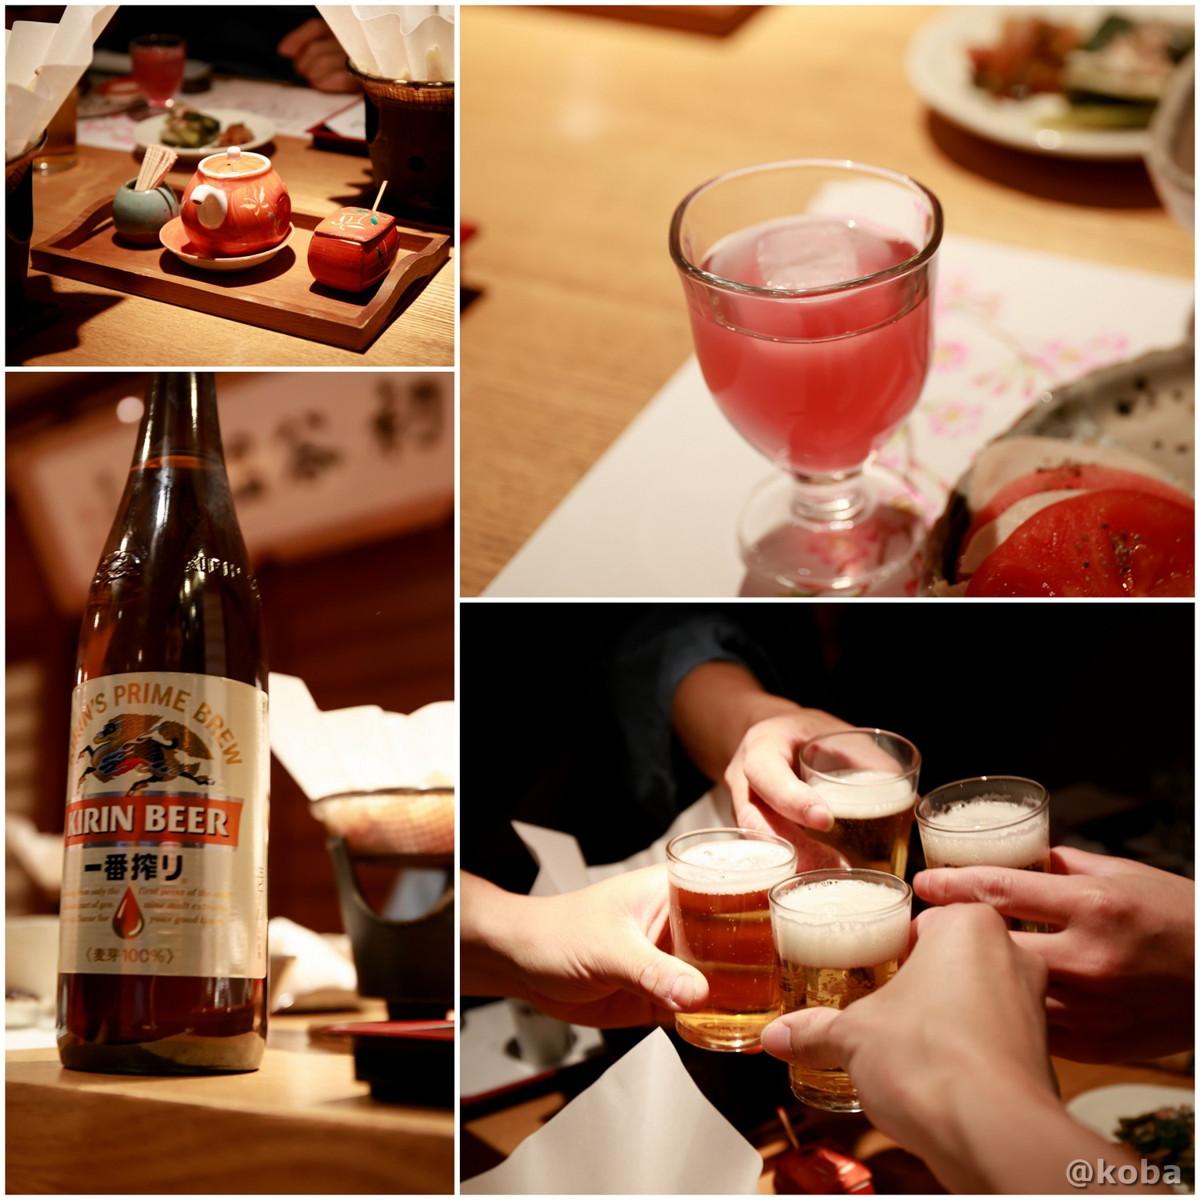 キリン一番搾り瓶ビール・食前酒 巨峰酒の写真|内山峠 初谷温泉(うちやまとうげ しょやおんせん)|長野県佐久市